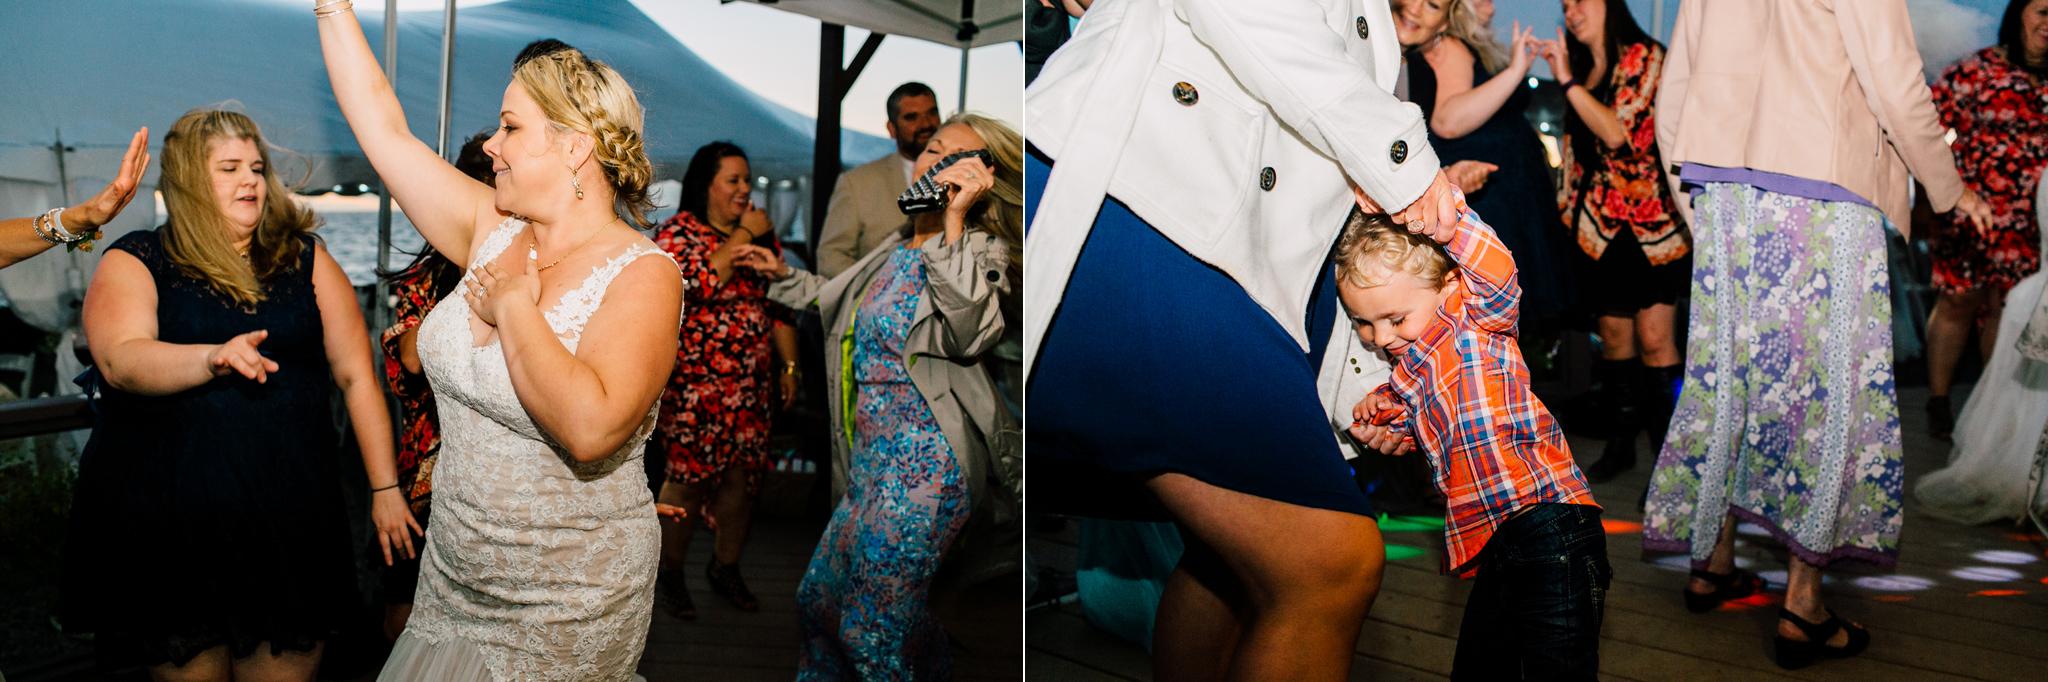 101-bellingham-wedding-photographer-beach-katheryn-moran-elisa-phillip.jpg